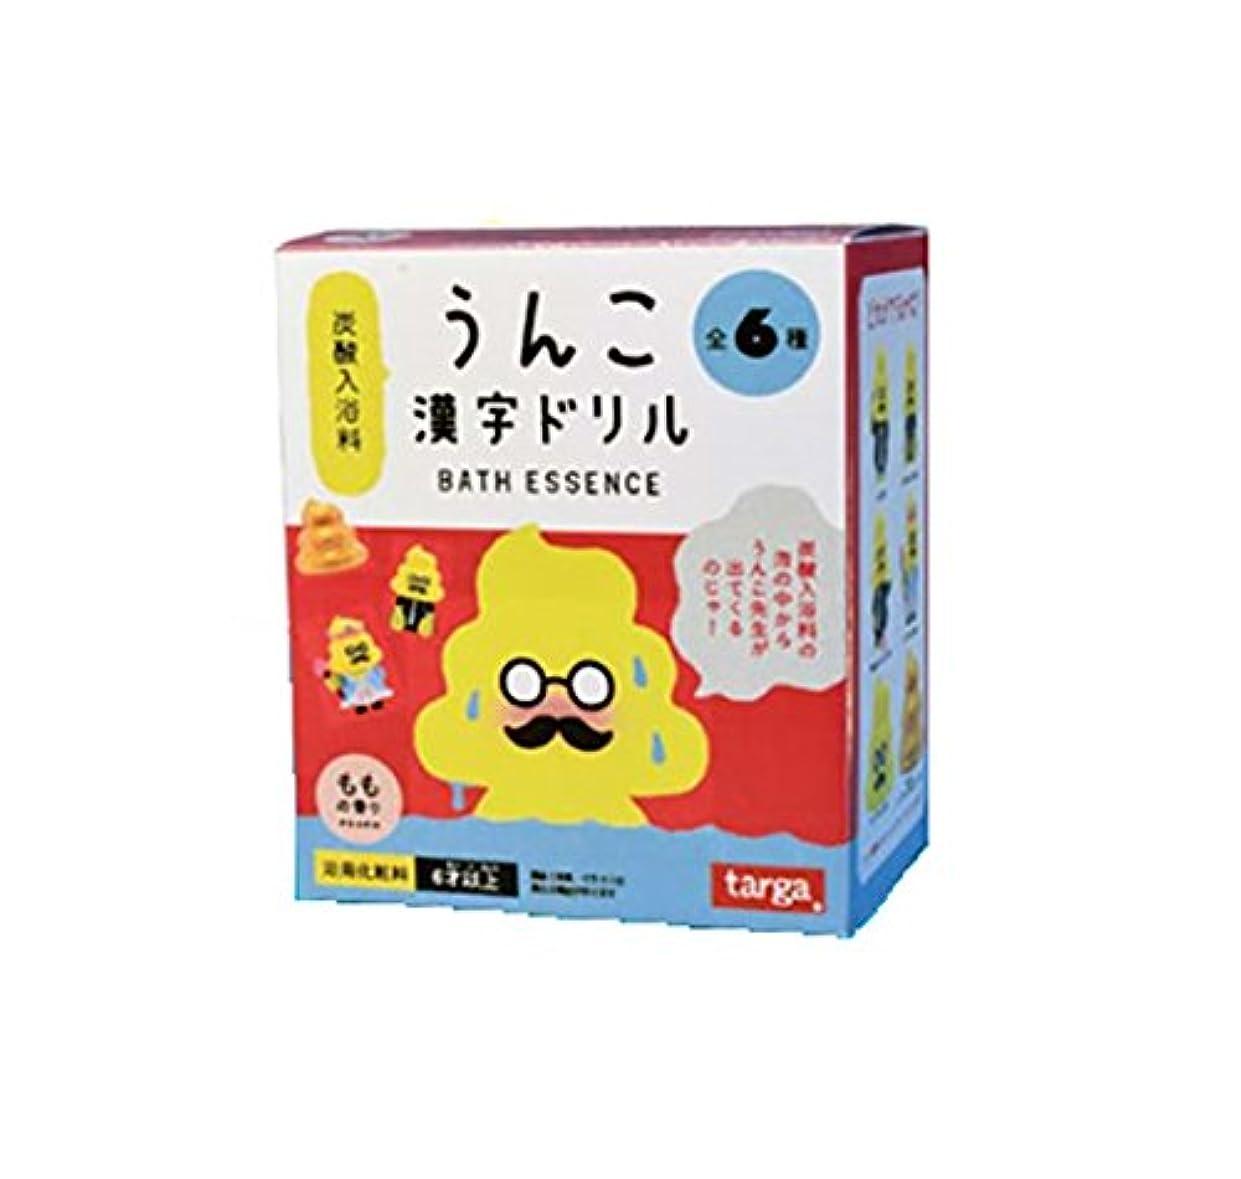 真空コジオスコデンマークうんこ漢字ドリル 炭酸入浴料 BOX